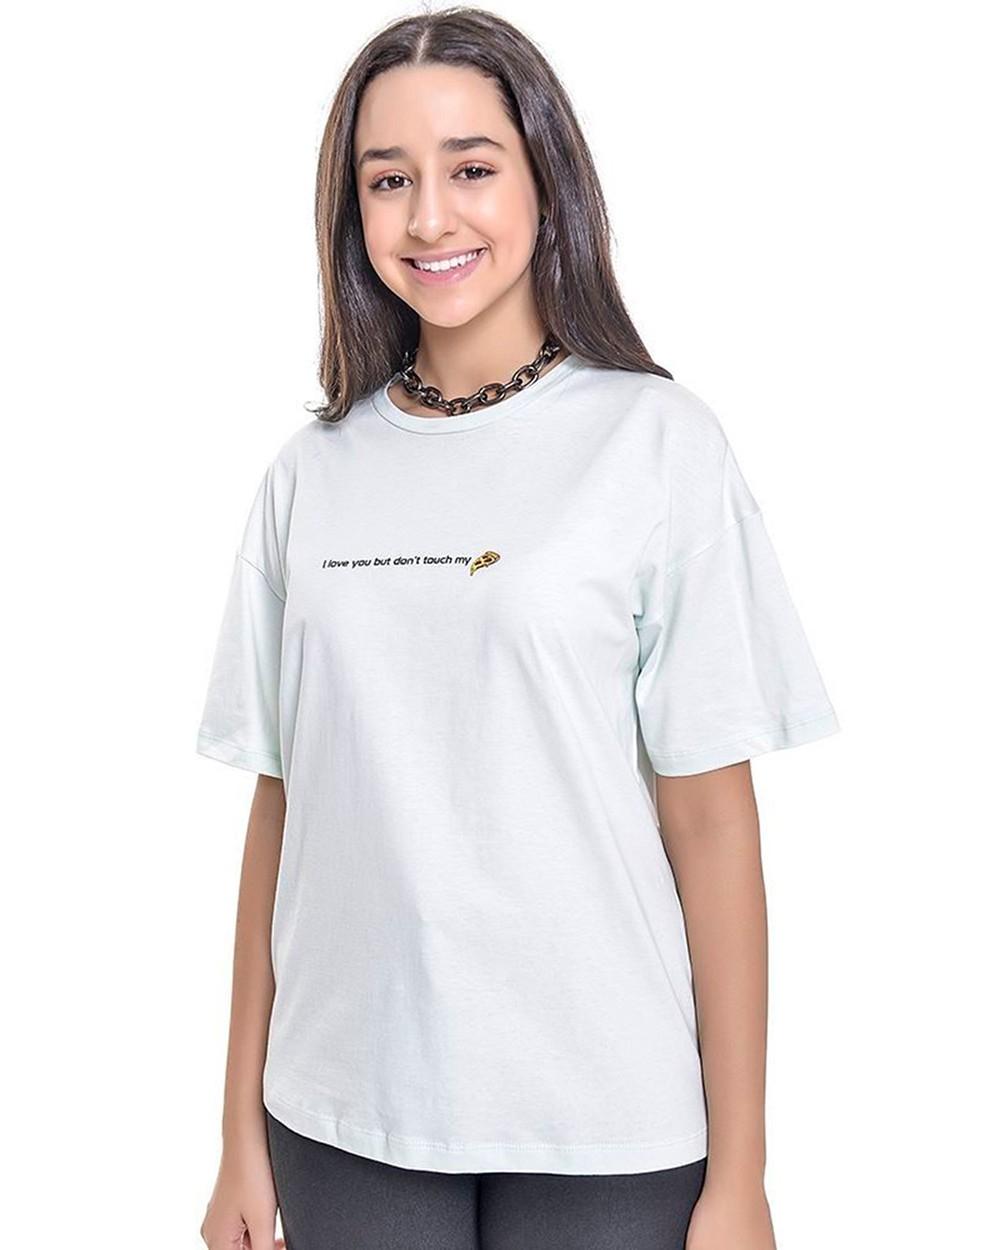 Camiseta Menina Amofany Dont Touch My Pizza Verde T700590